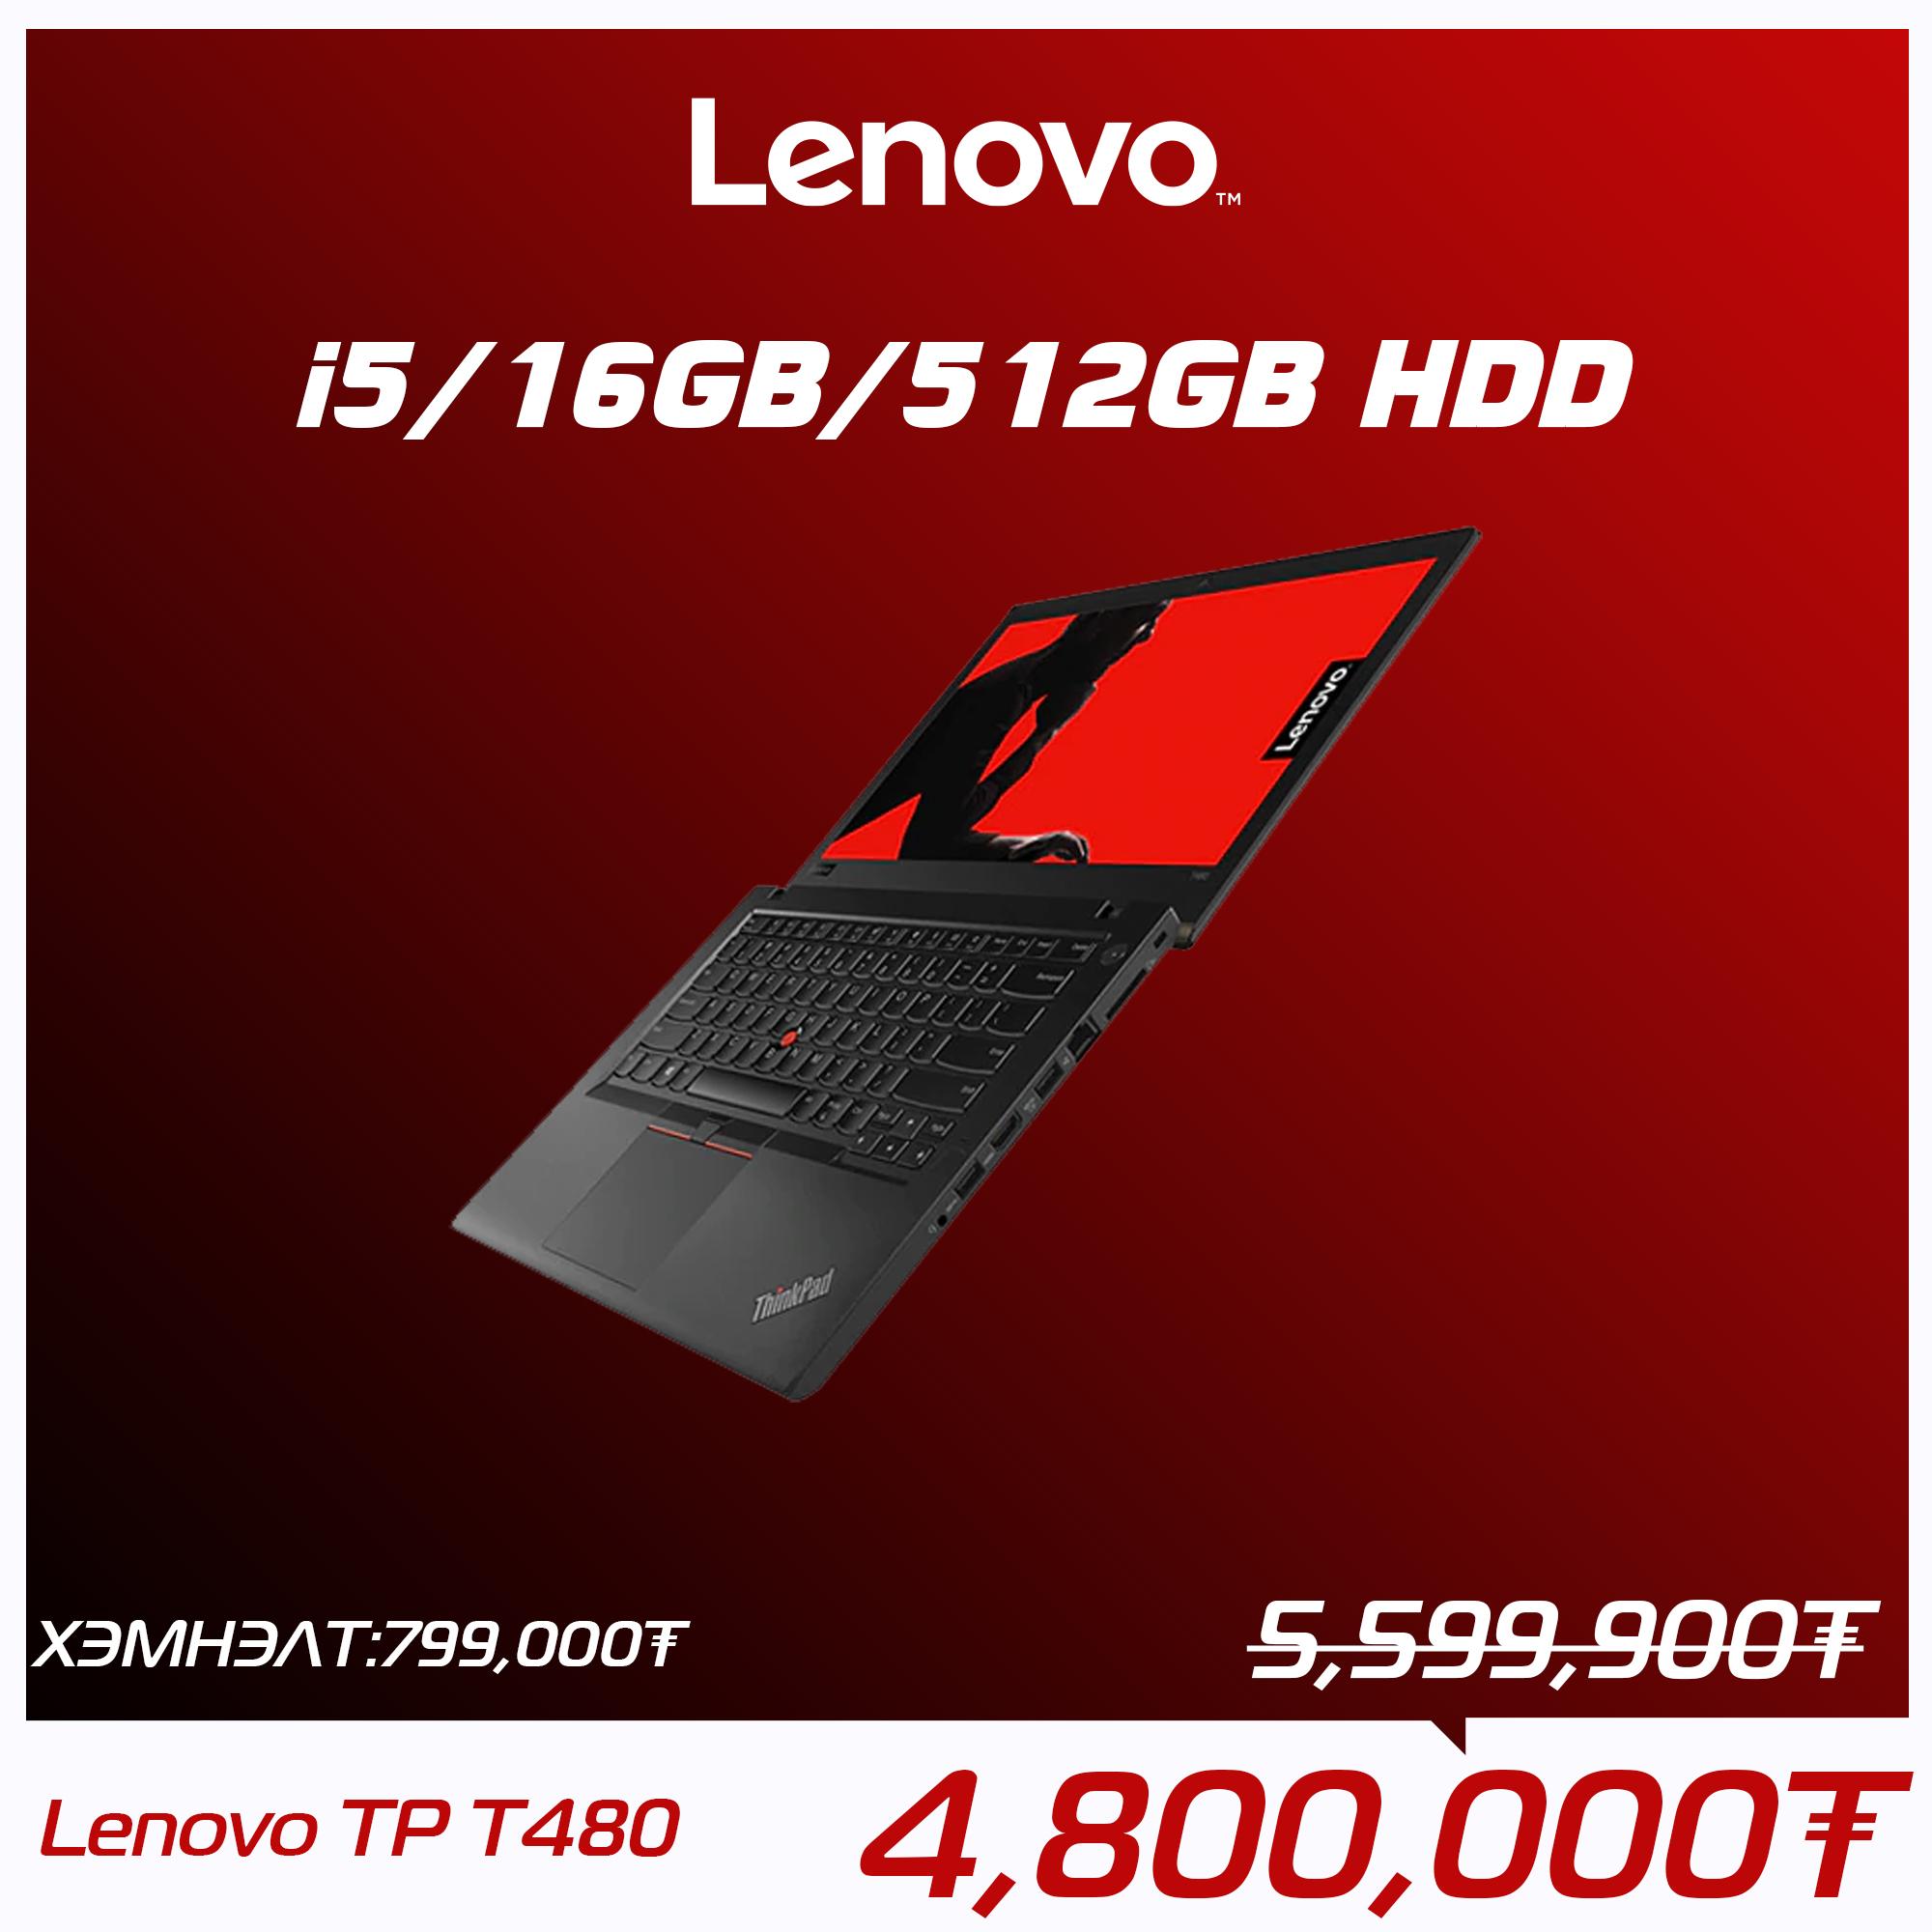 Lenovo TP T480